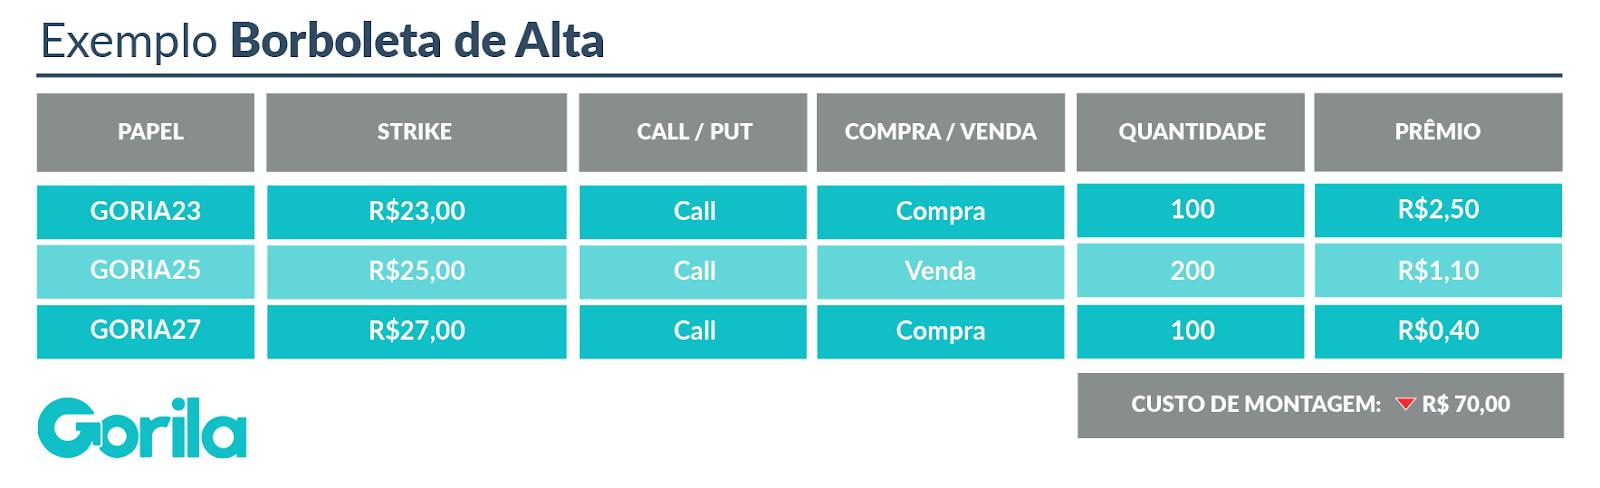 Mercado de Opções: Exemplo Borboleta de Alta